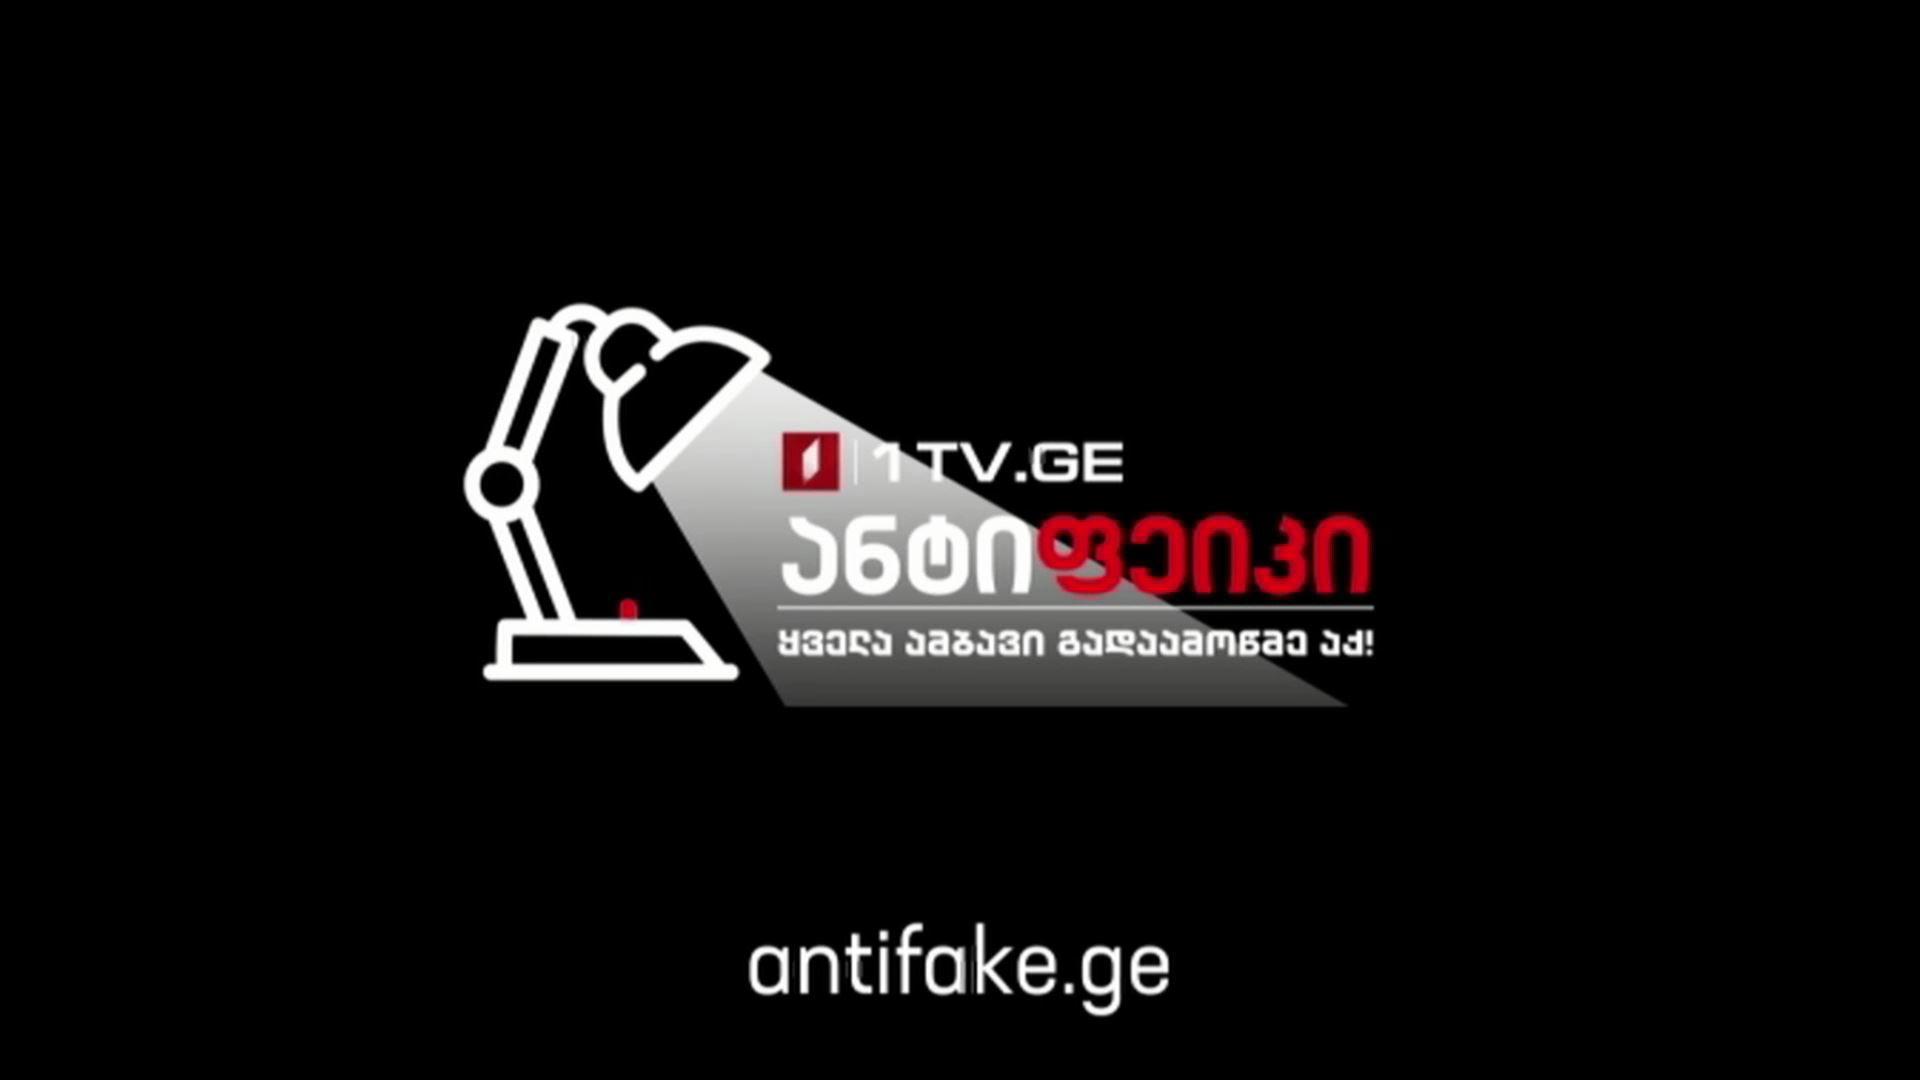 აქტუალური თემა მაკა ცინცაძესთან ერთად - პირველი არხის ახალი პროექტი ყალბი ამბების წინააღმდეგ #LIVE